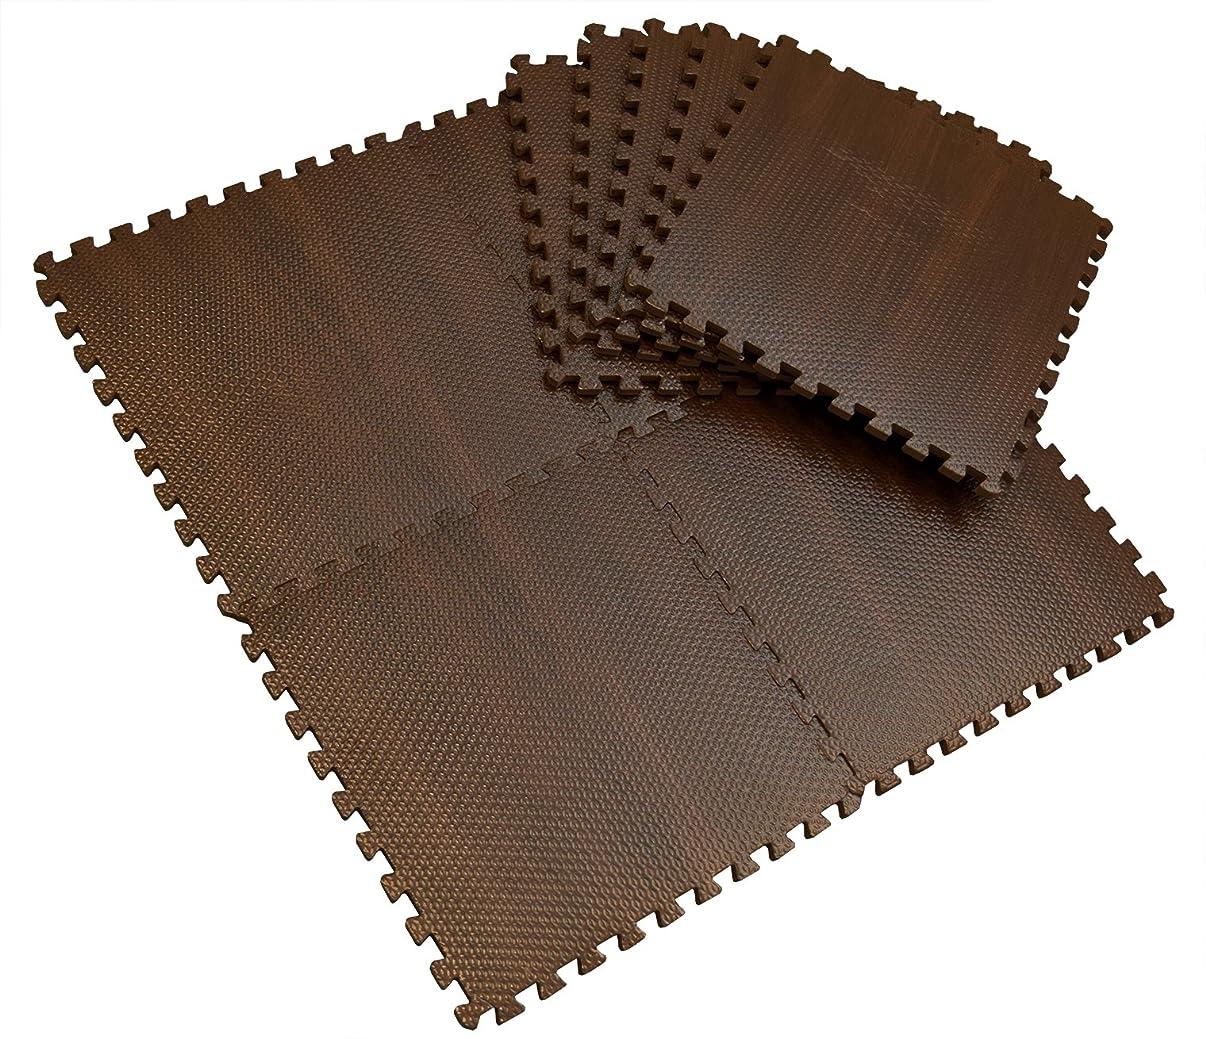 匹敵します上へ見込みジョイント木目調マット 厚み約10mm 9枚入セット 床暖房対応 ノンホルムアルデヒド ブラウン 140398